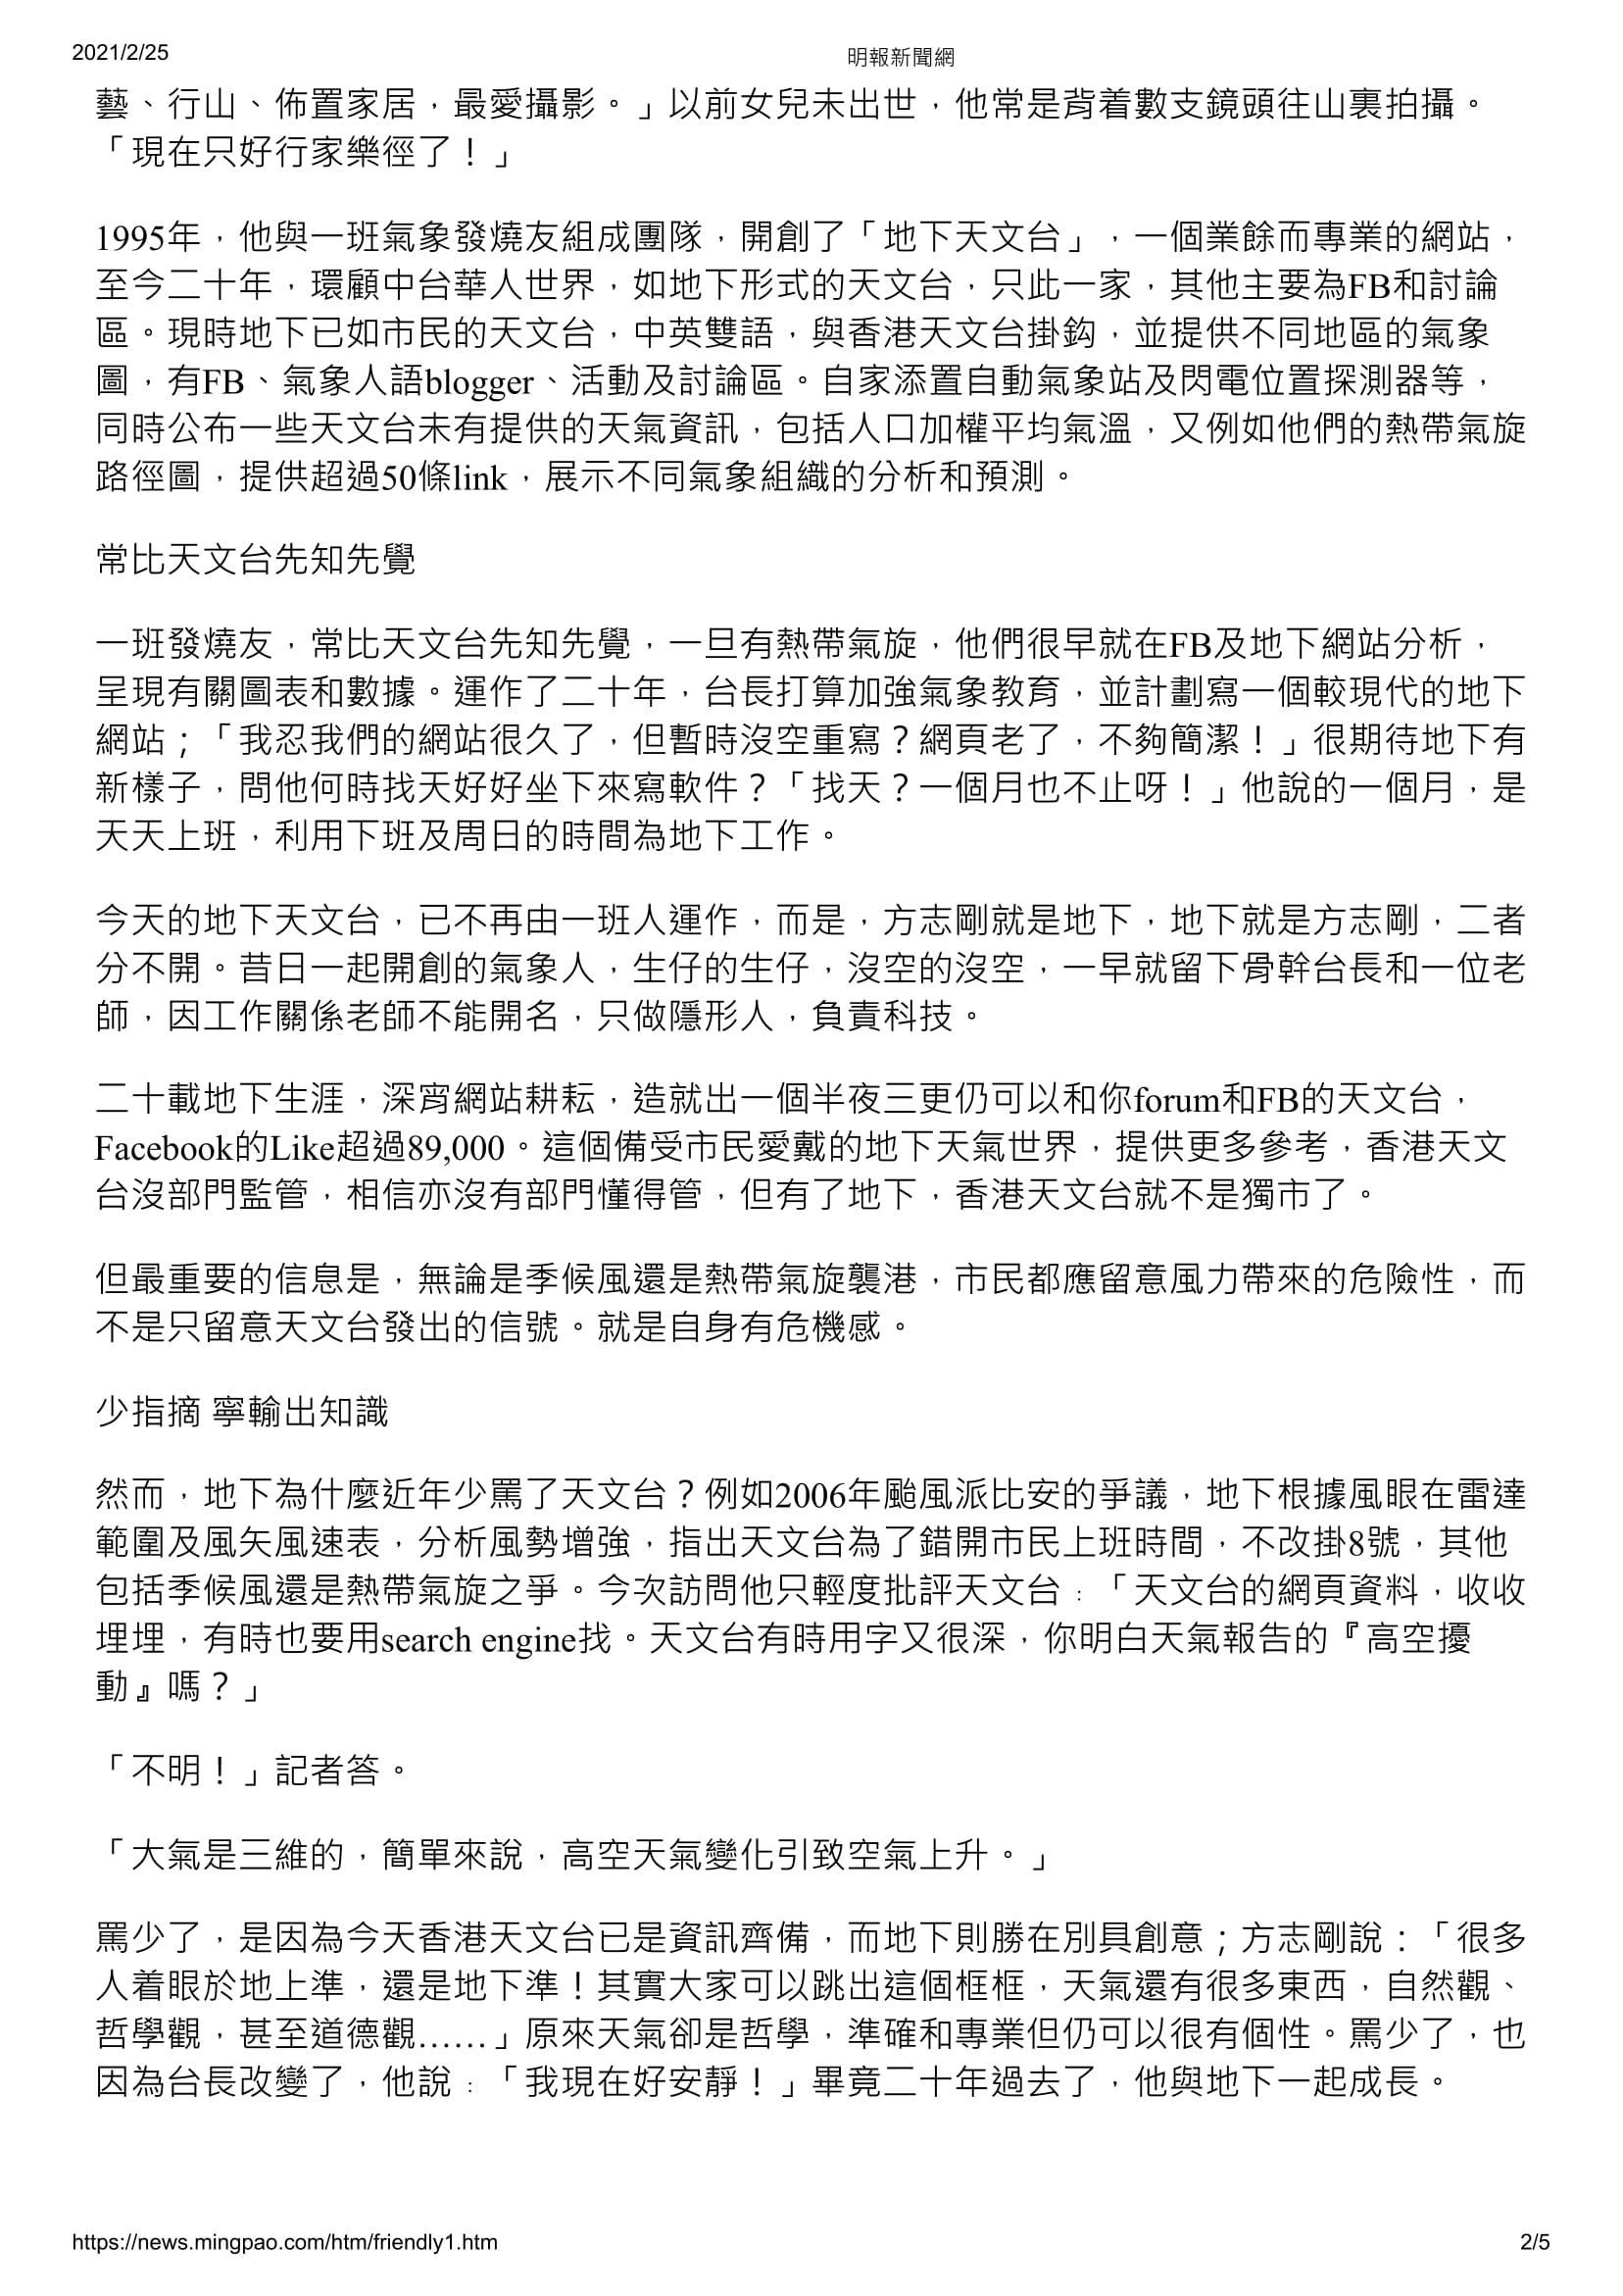 方志剛-明報2015年5月20日-2